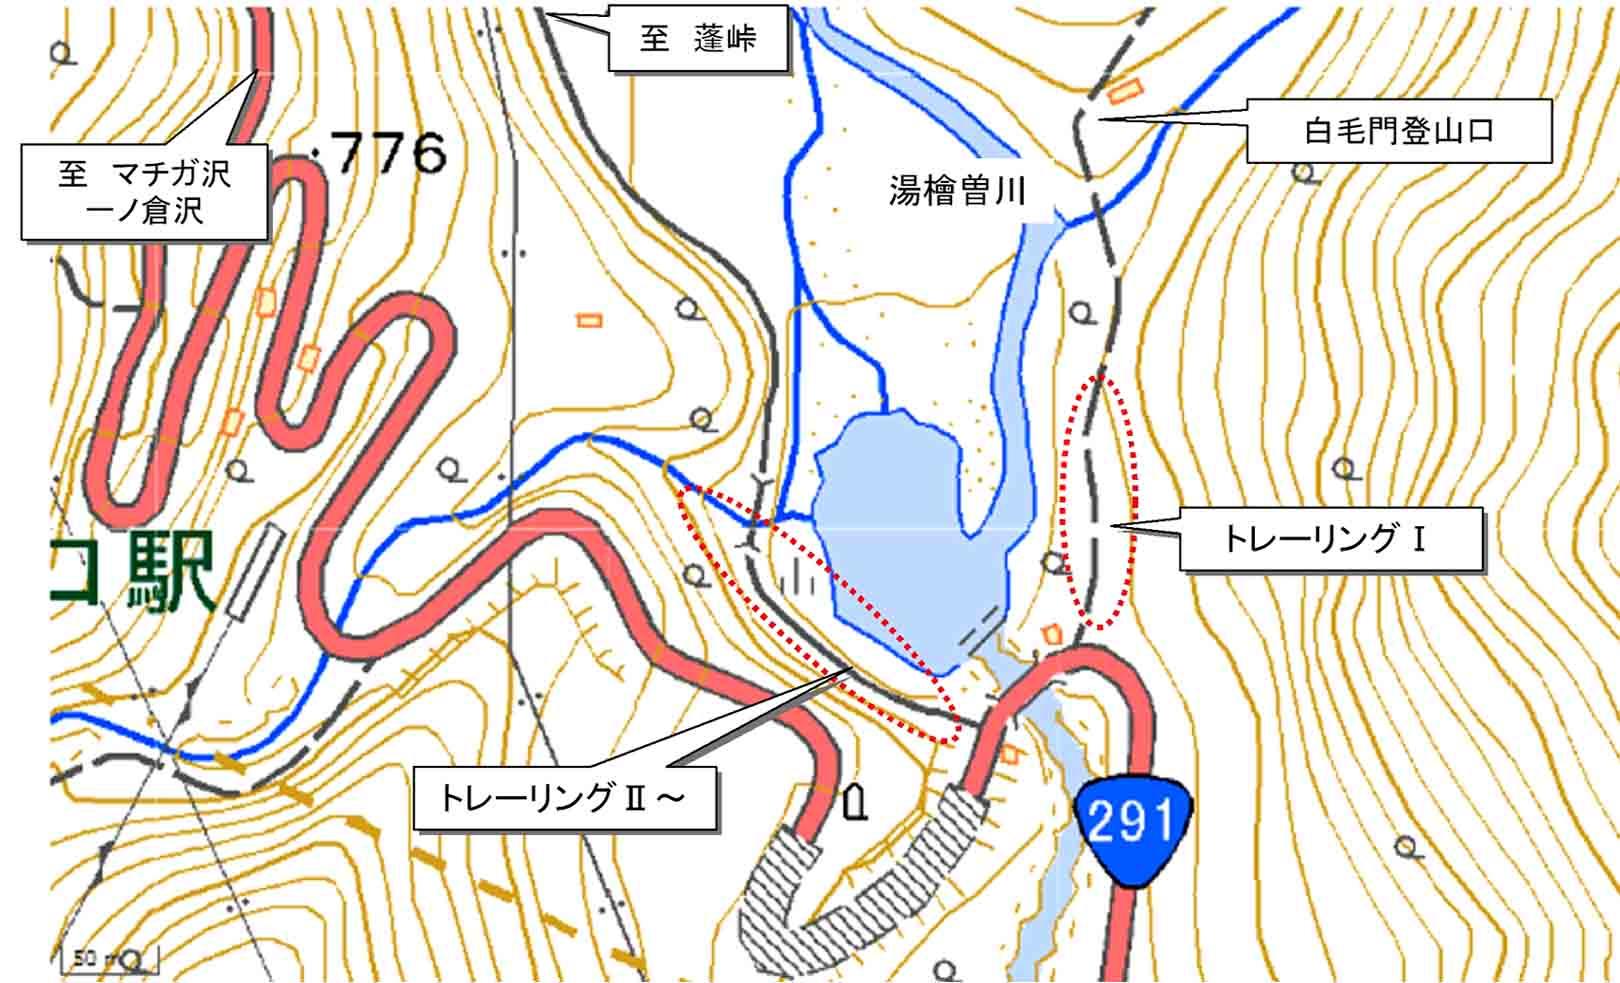 湯檜曽川沿のトレーリングエリア地図